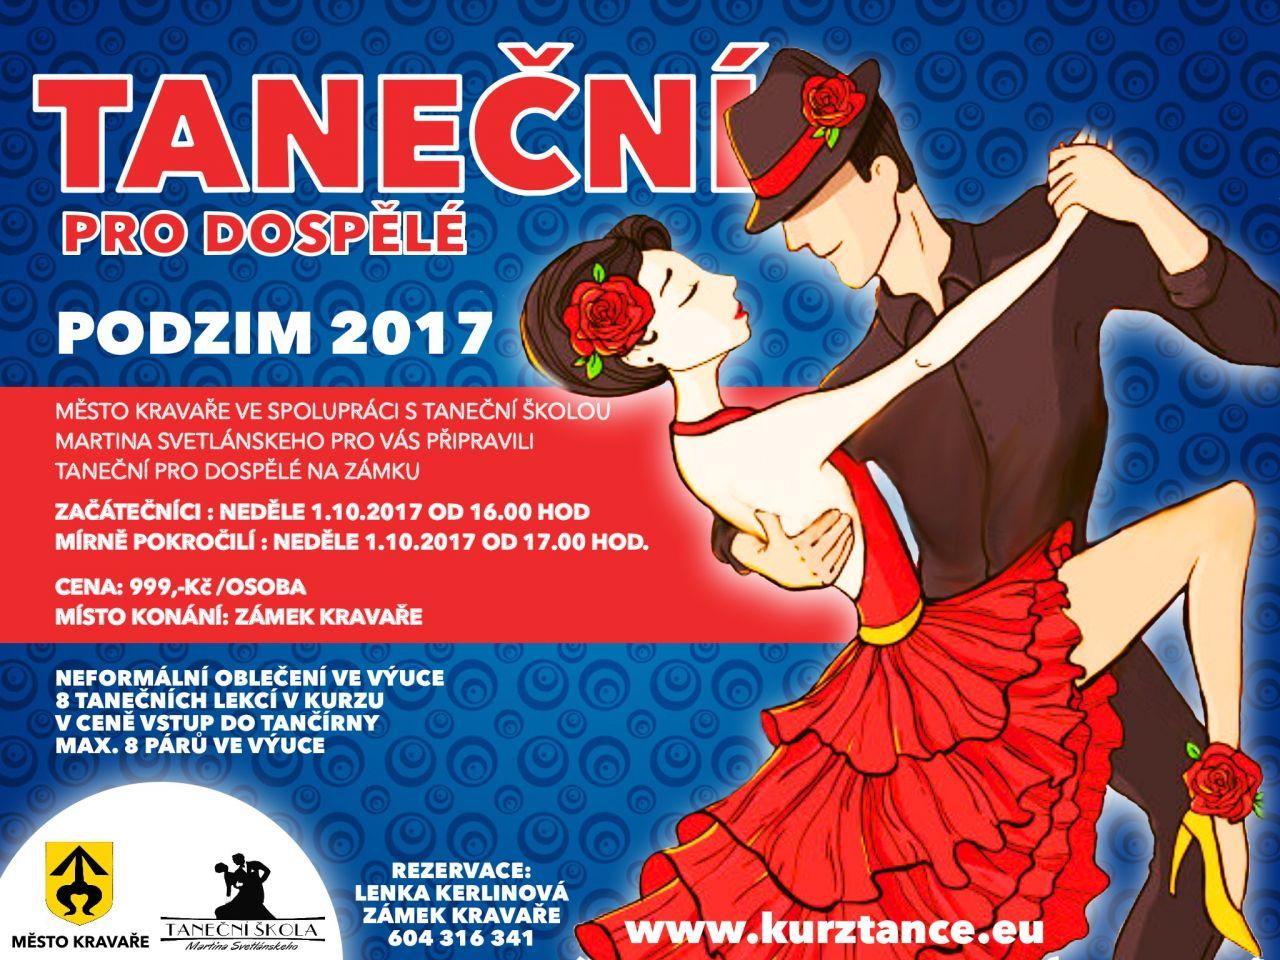 Taneční kurzy na zámku v Kravařích 1